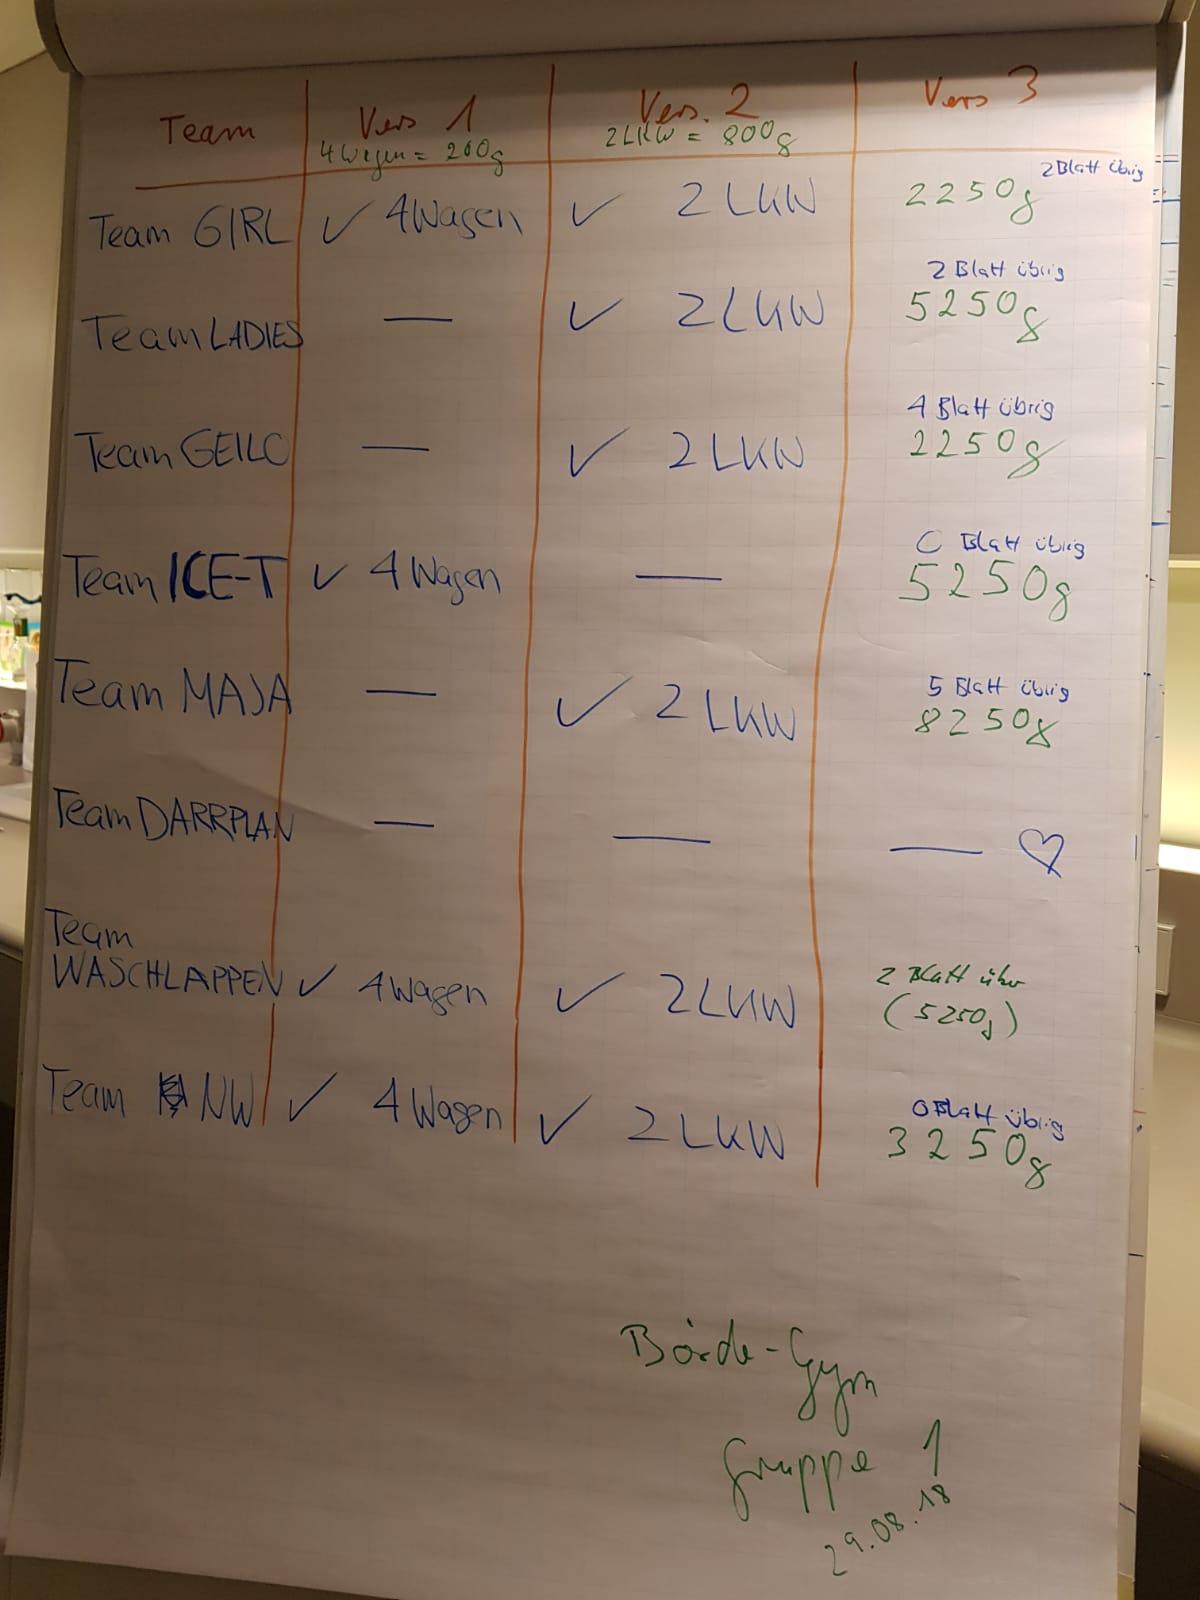 Die Ergebnisse der einzelnen Gruppen nach drei kniffeligen Tests